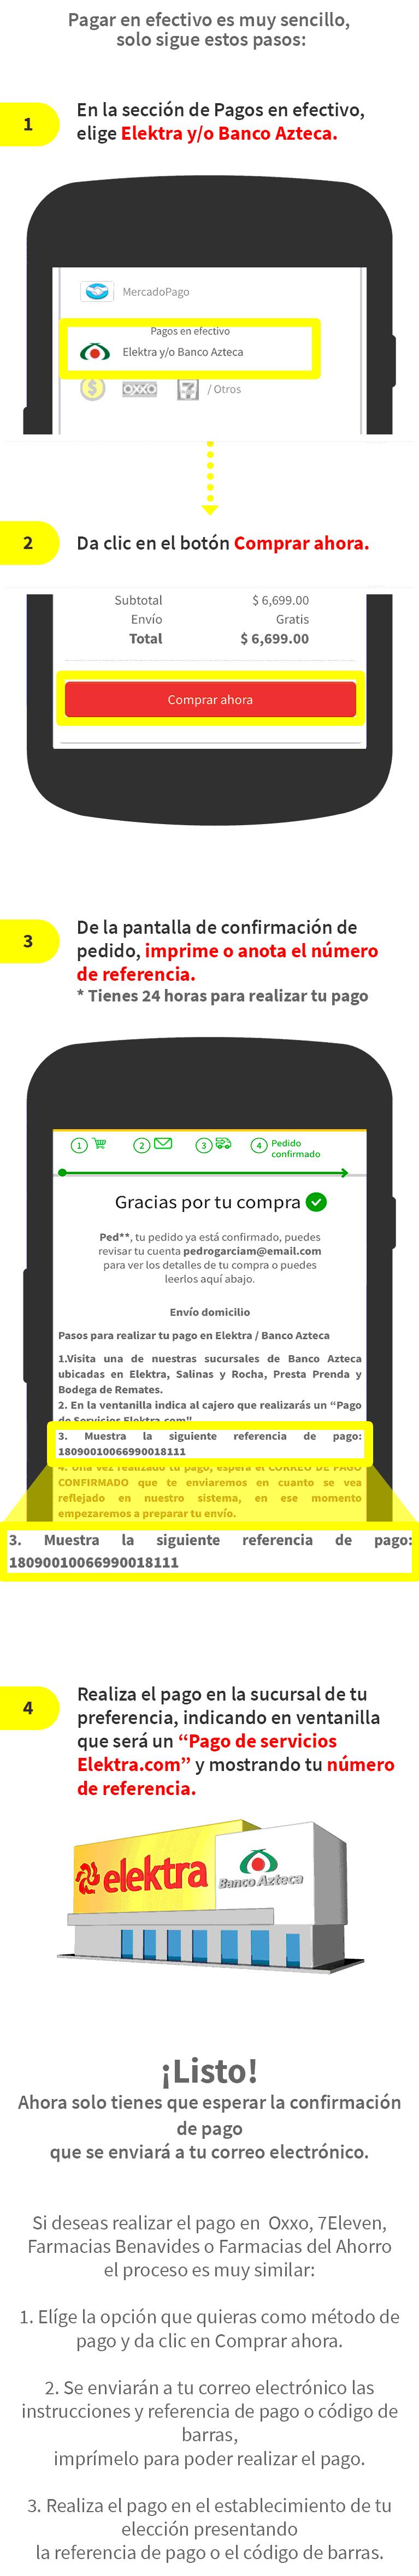 Paga Con Efectivo En Sucurs De Elektra Y Banco Azteca